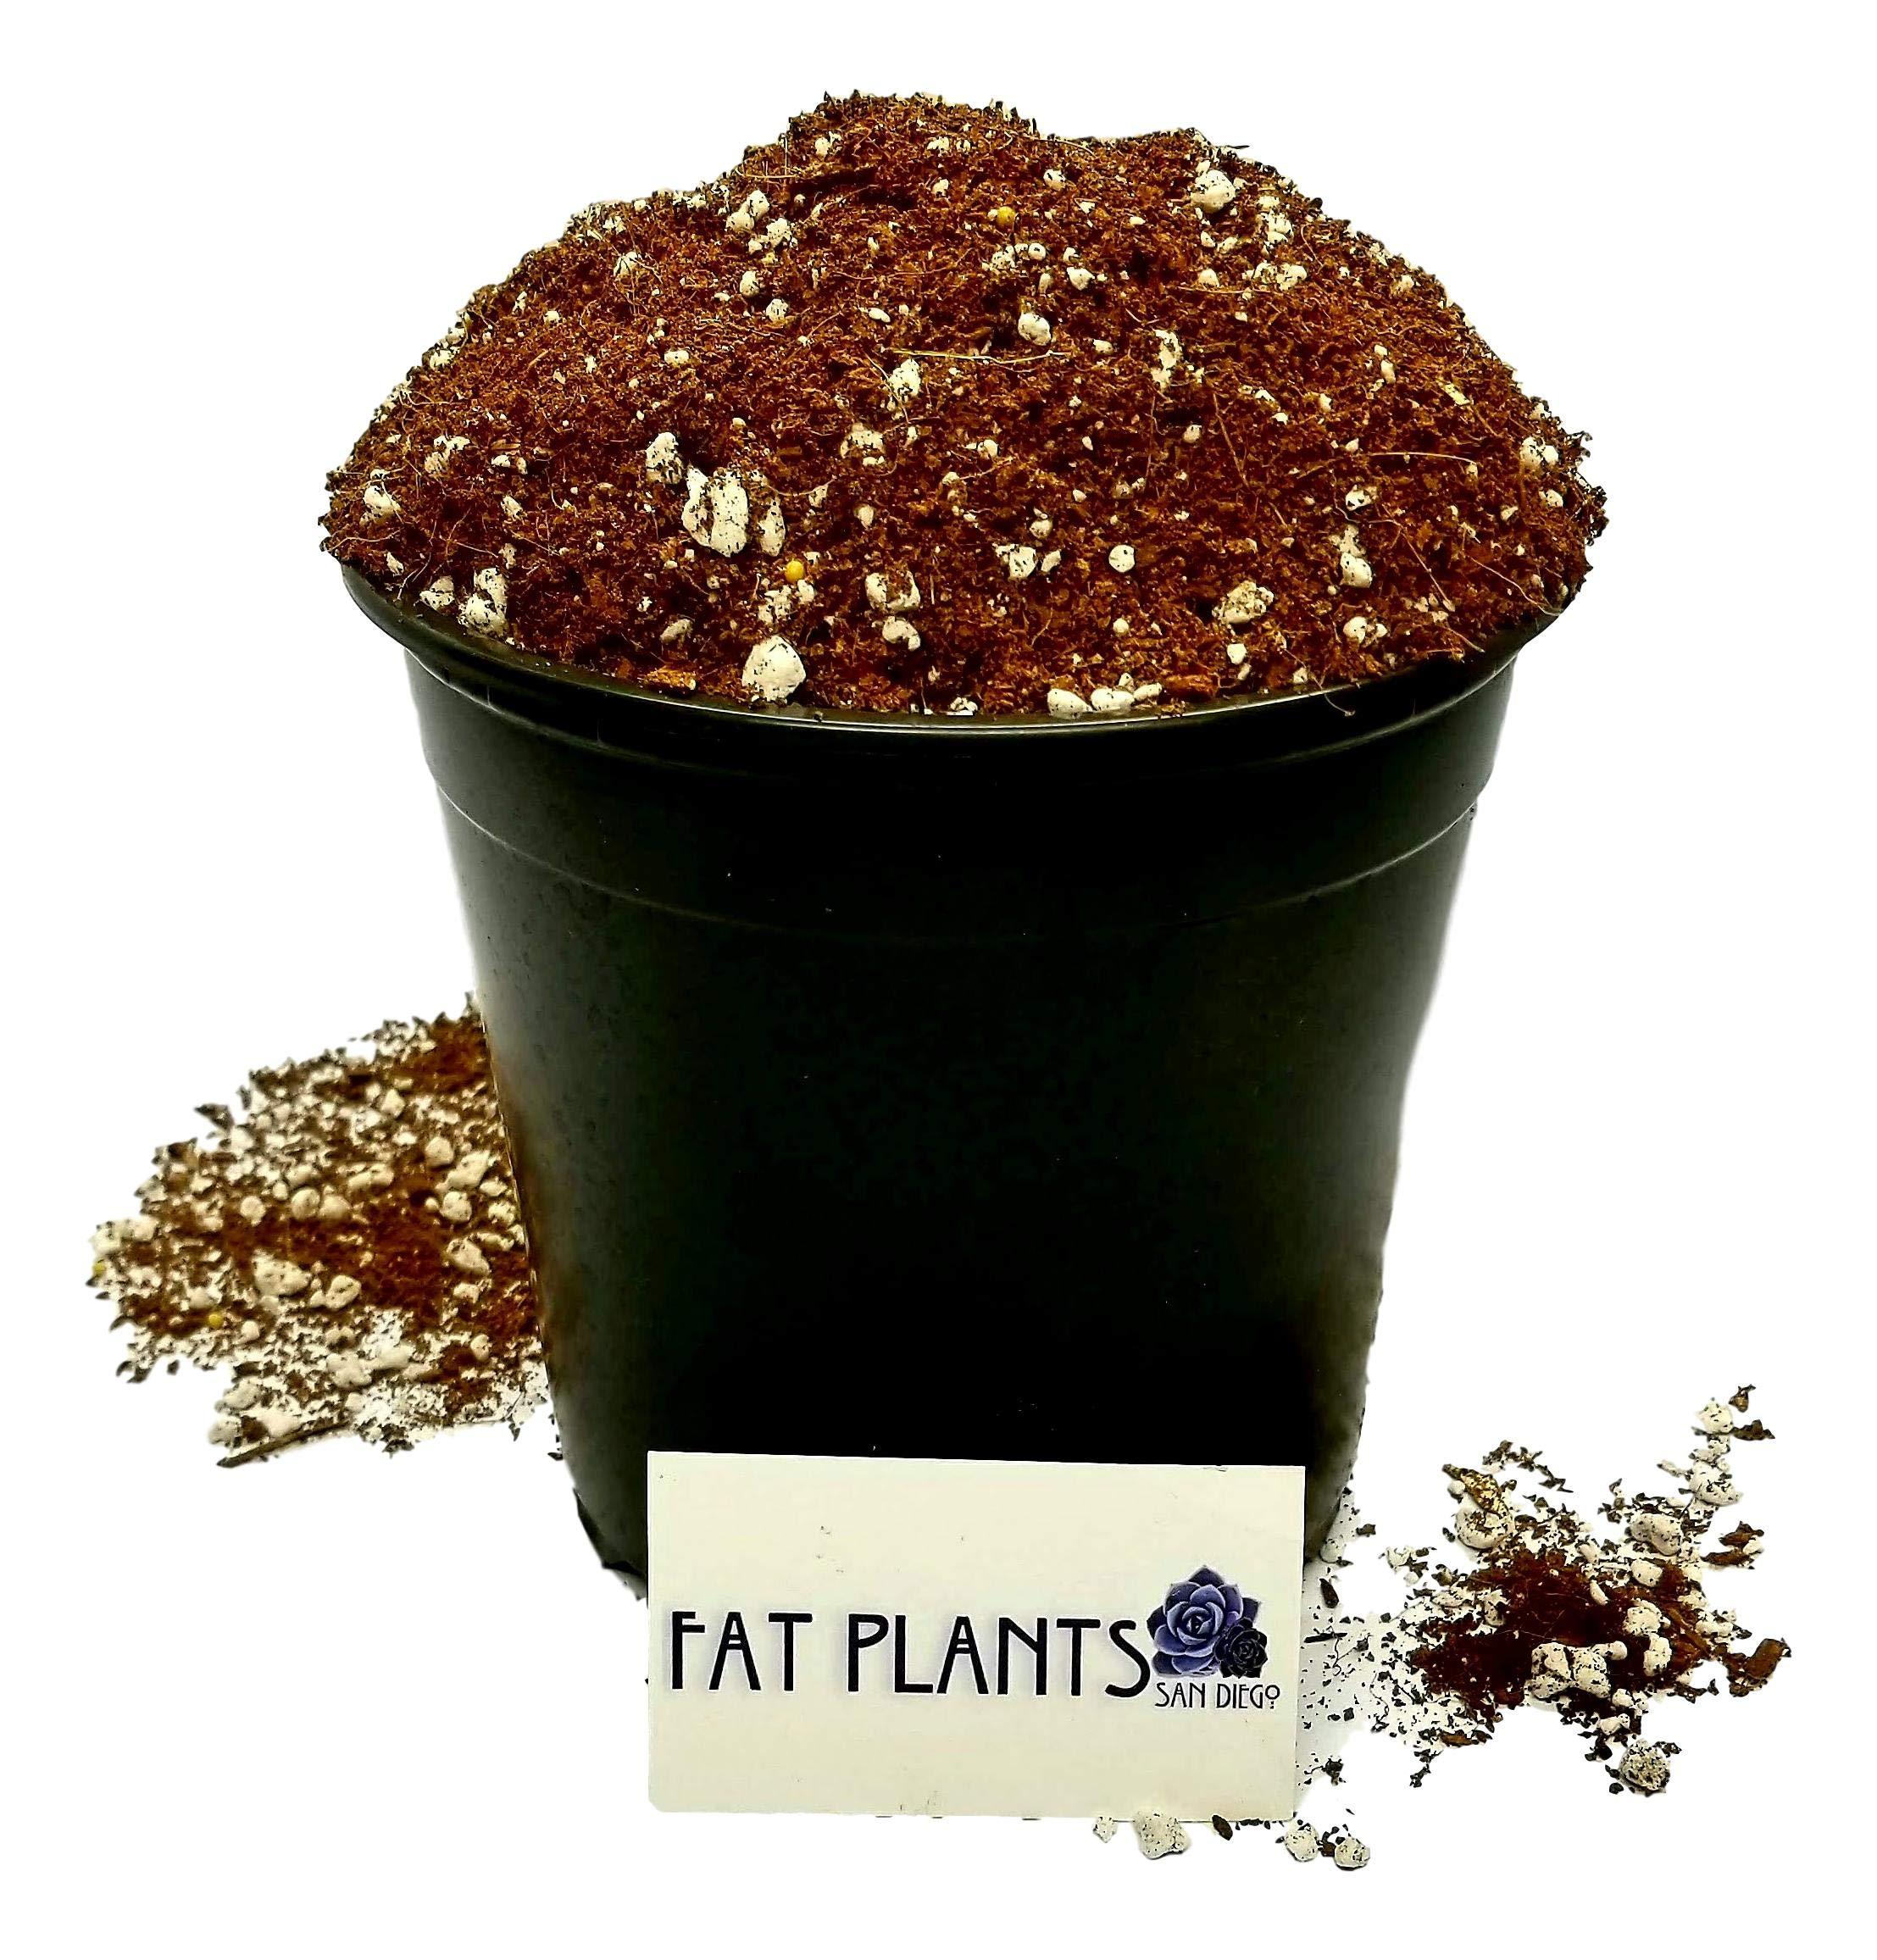 Fat Plants San Diego Succulent Soil Gallon